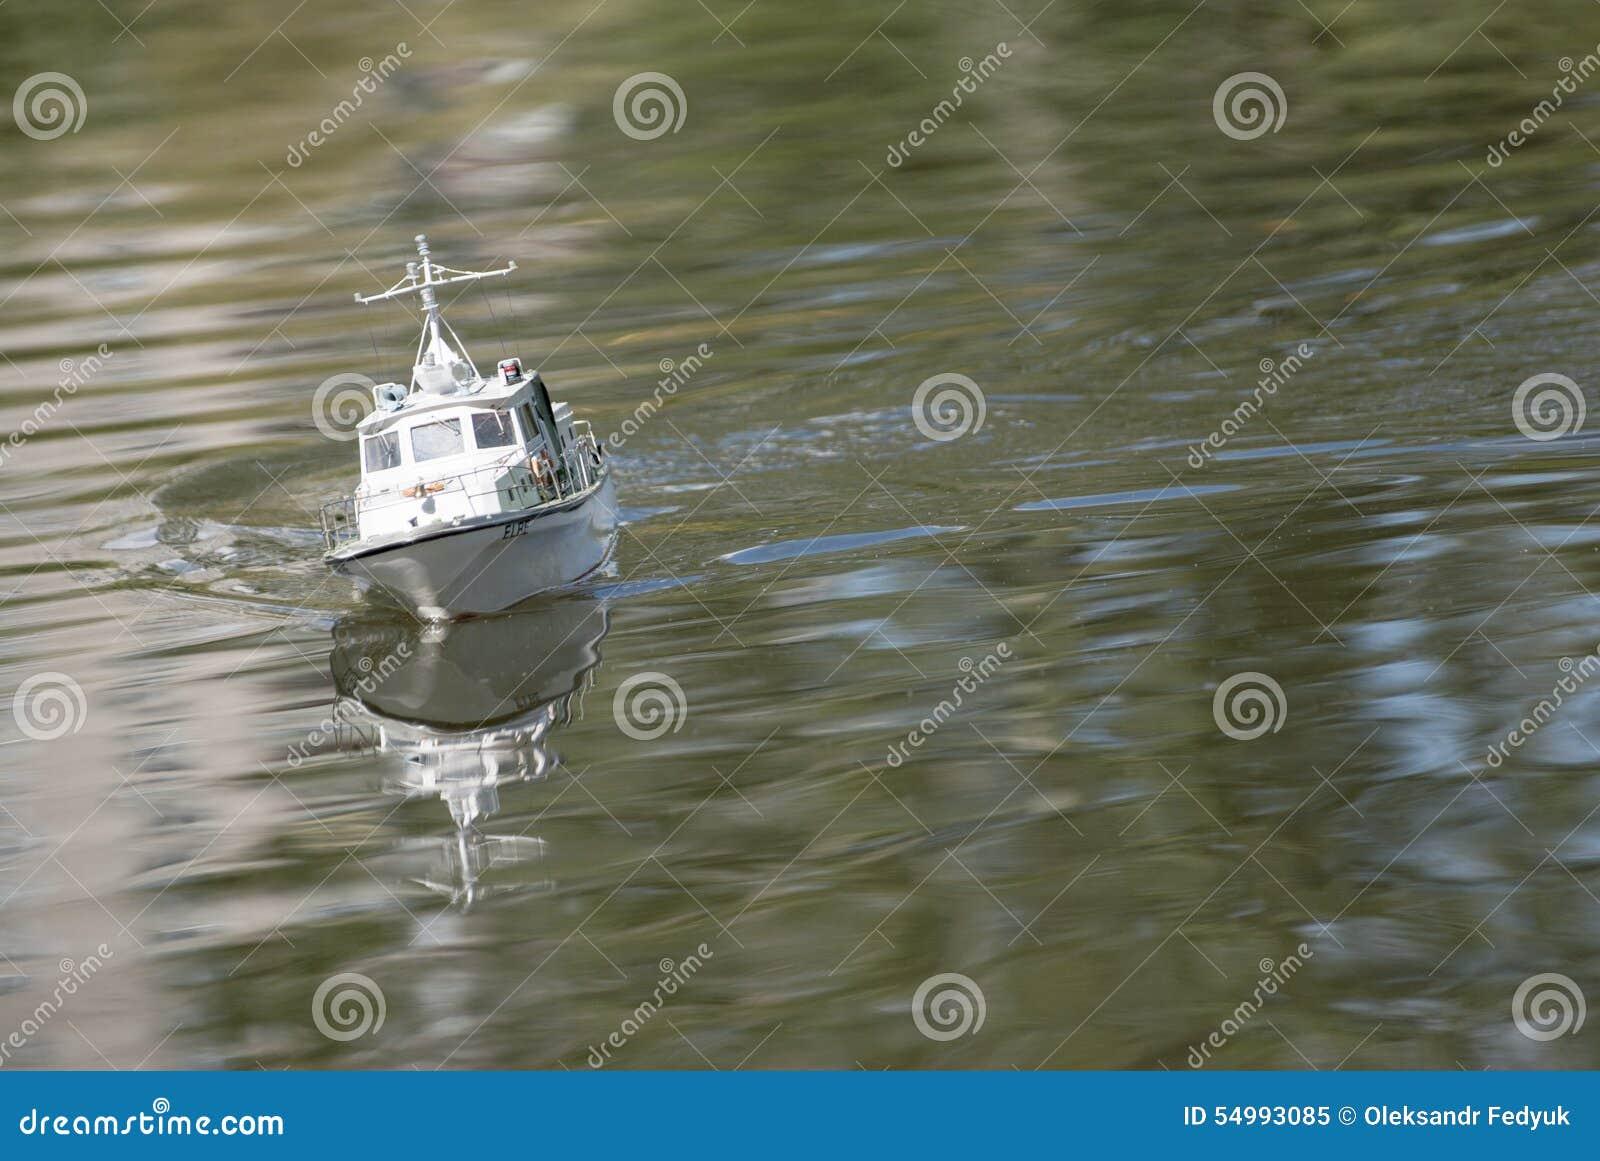 Zdalnie sterowany militarna łódź motorowa